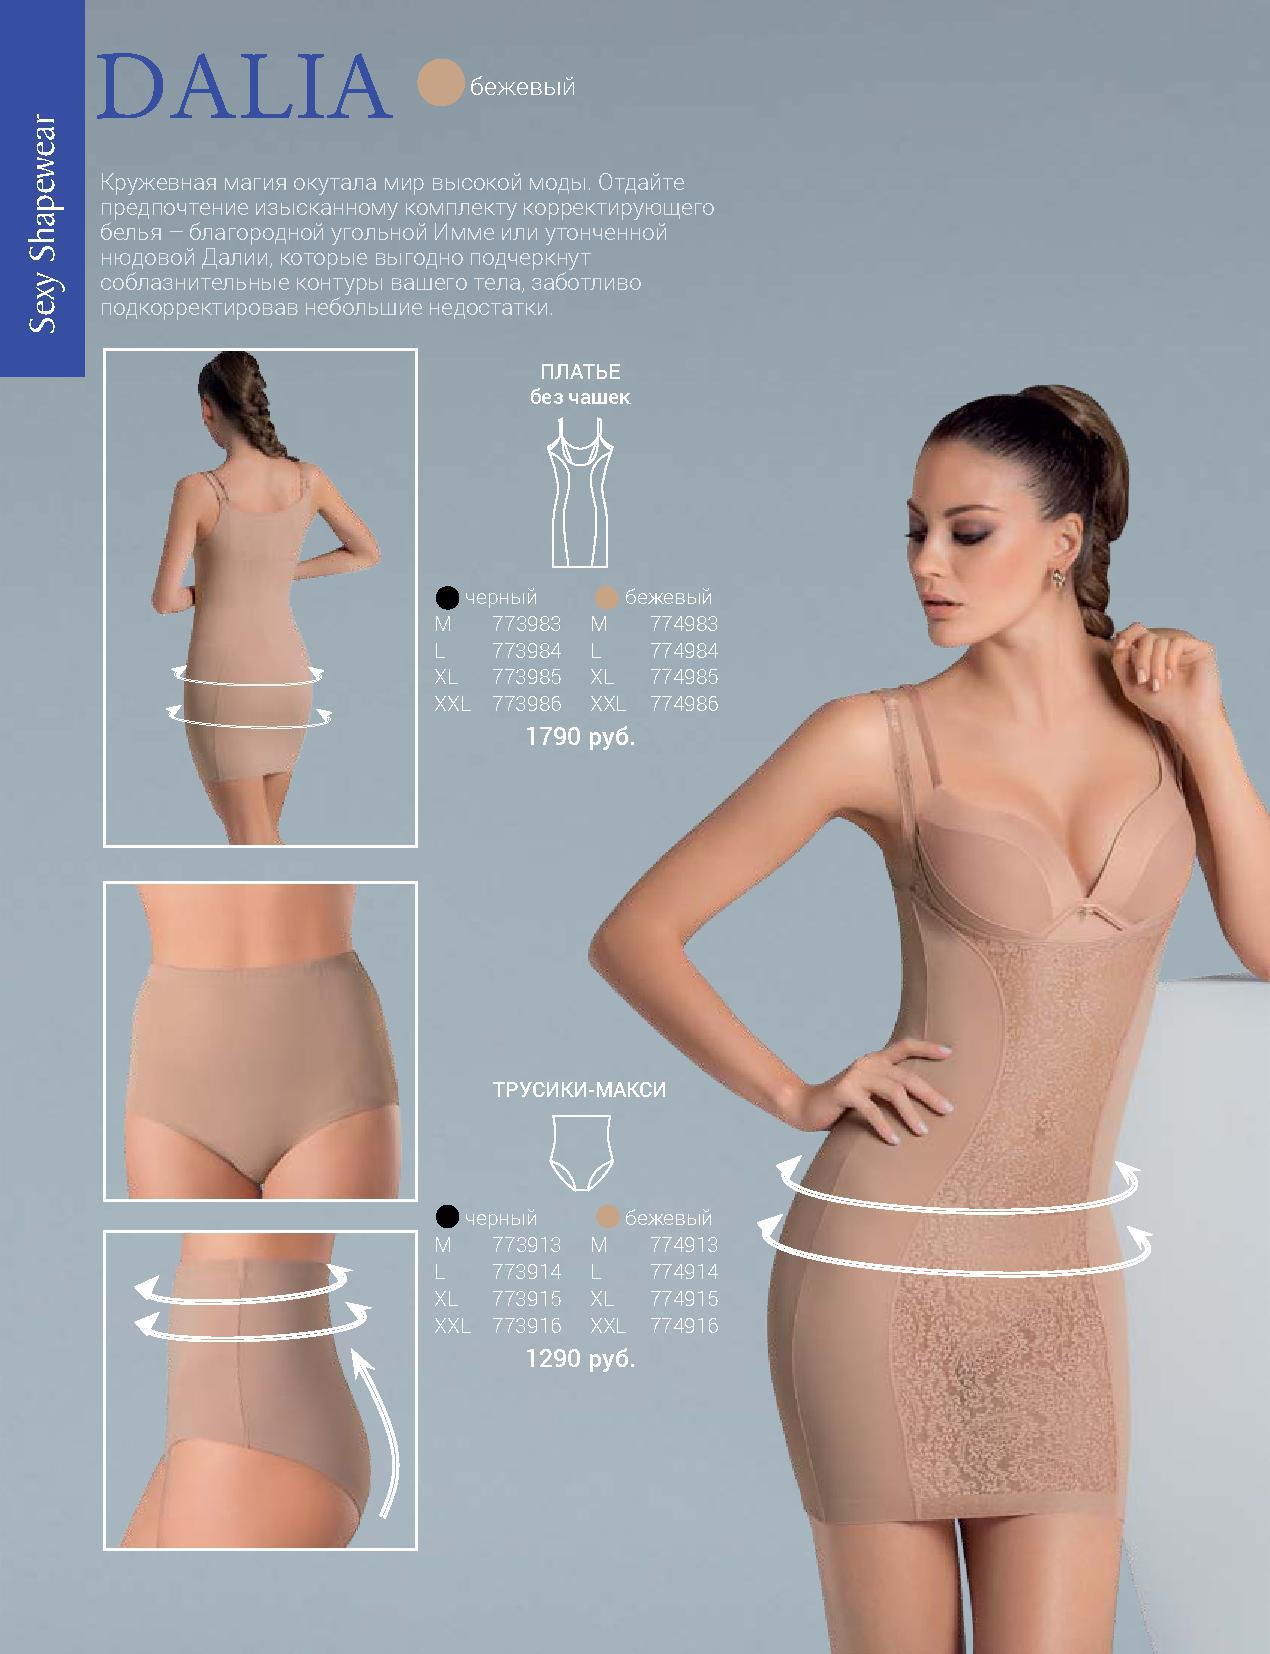 Флоранж - комплект коррекции Далия - платье и трусики-макси